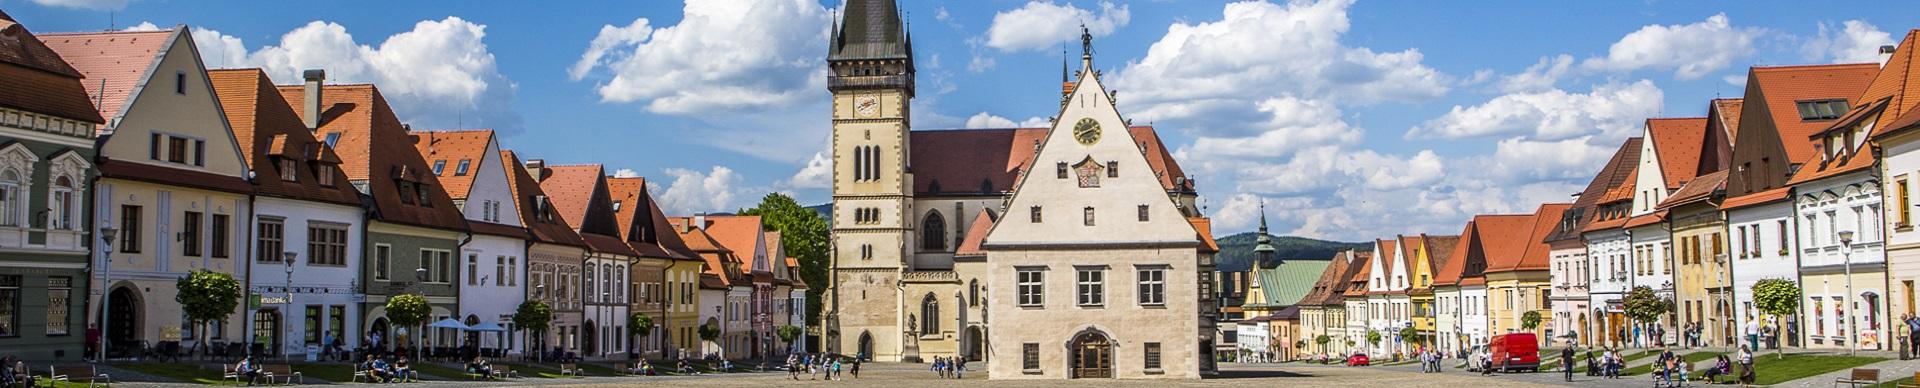 Slovakia multi-day tours